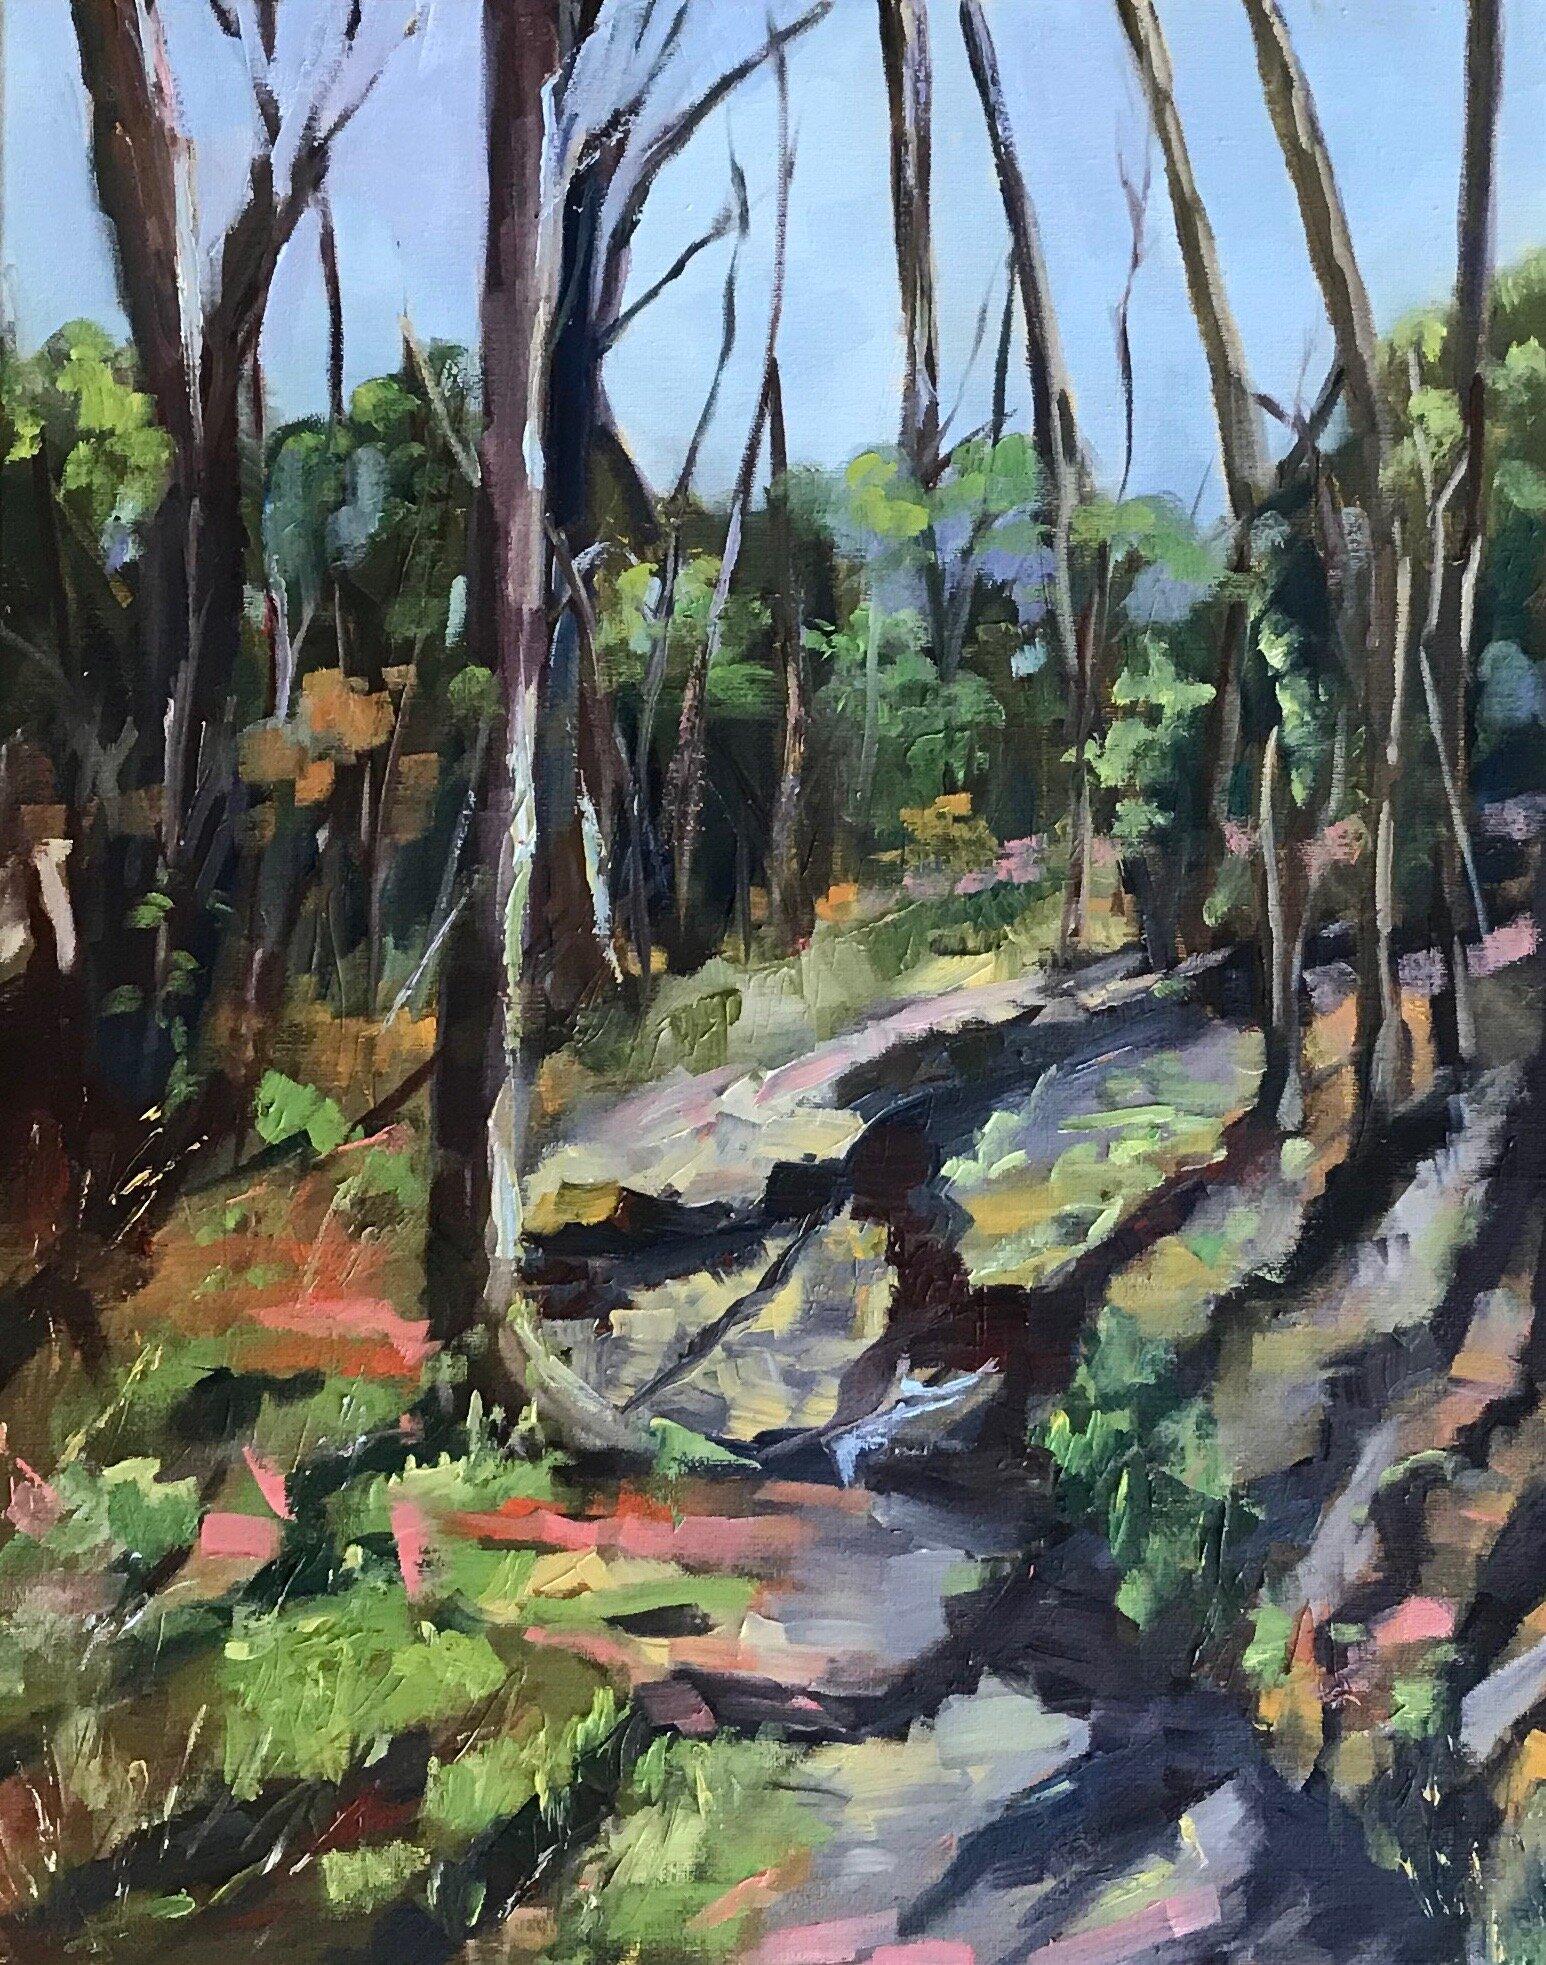 Trees & Shadows   Oil on Canvas   11 x 20